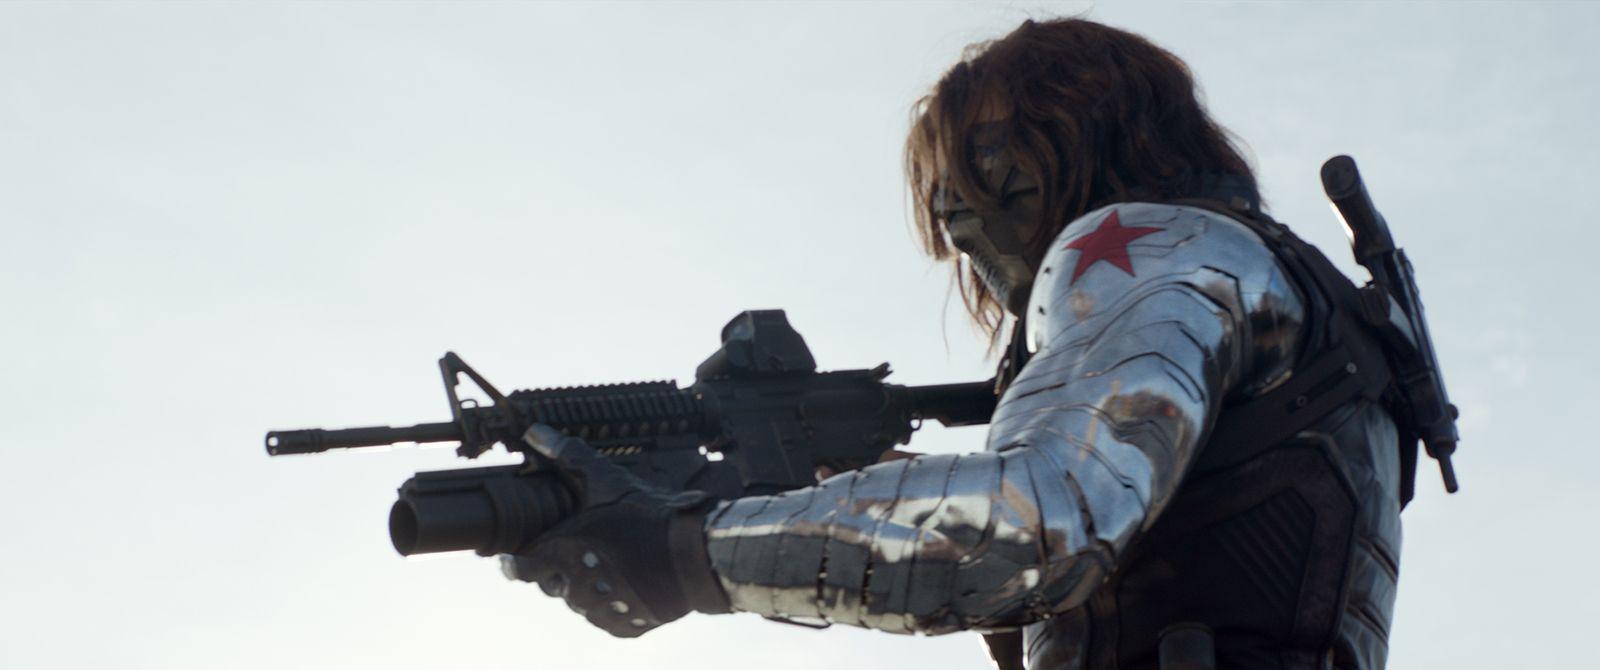 captain america le soldat de l hiver la critique du film page 1 gamalive. Black Bedroom Furniture Sets. Home Design Ideas